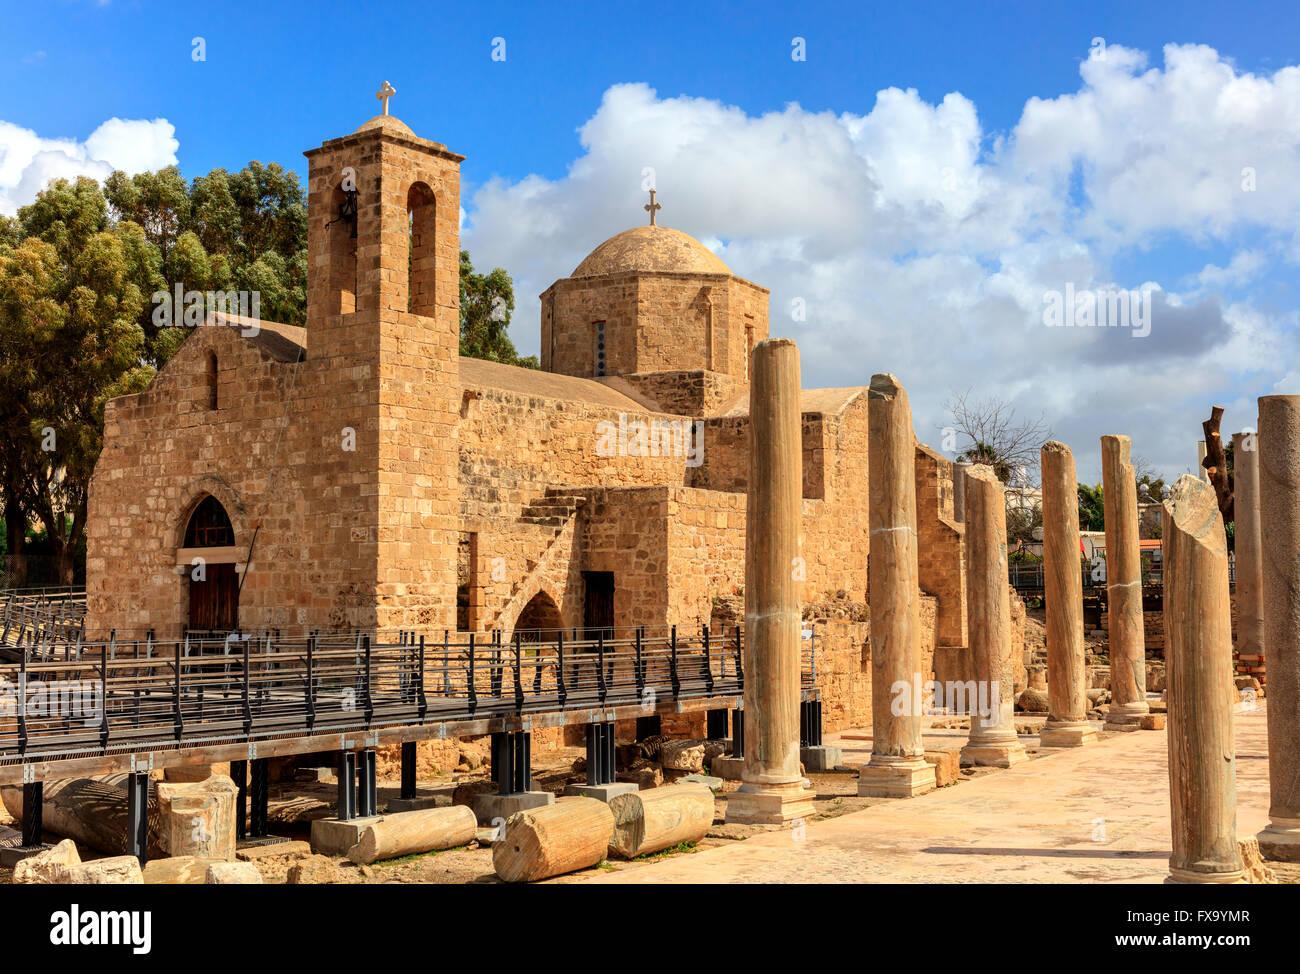 Die Panagia Chrysopolitissa-Kirche, erbaut auf den Ruinen der größten frühbyzantinischen Basilika. Stockbild